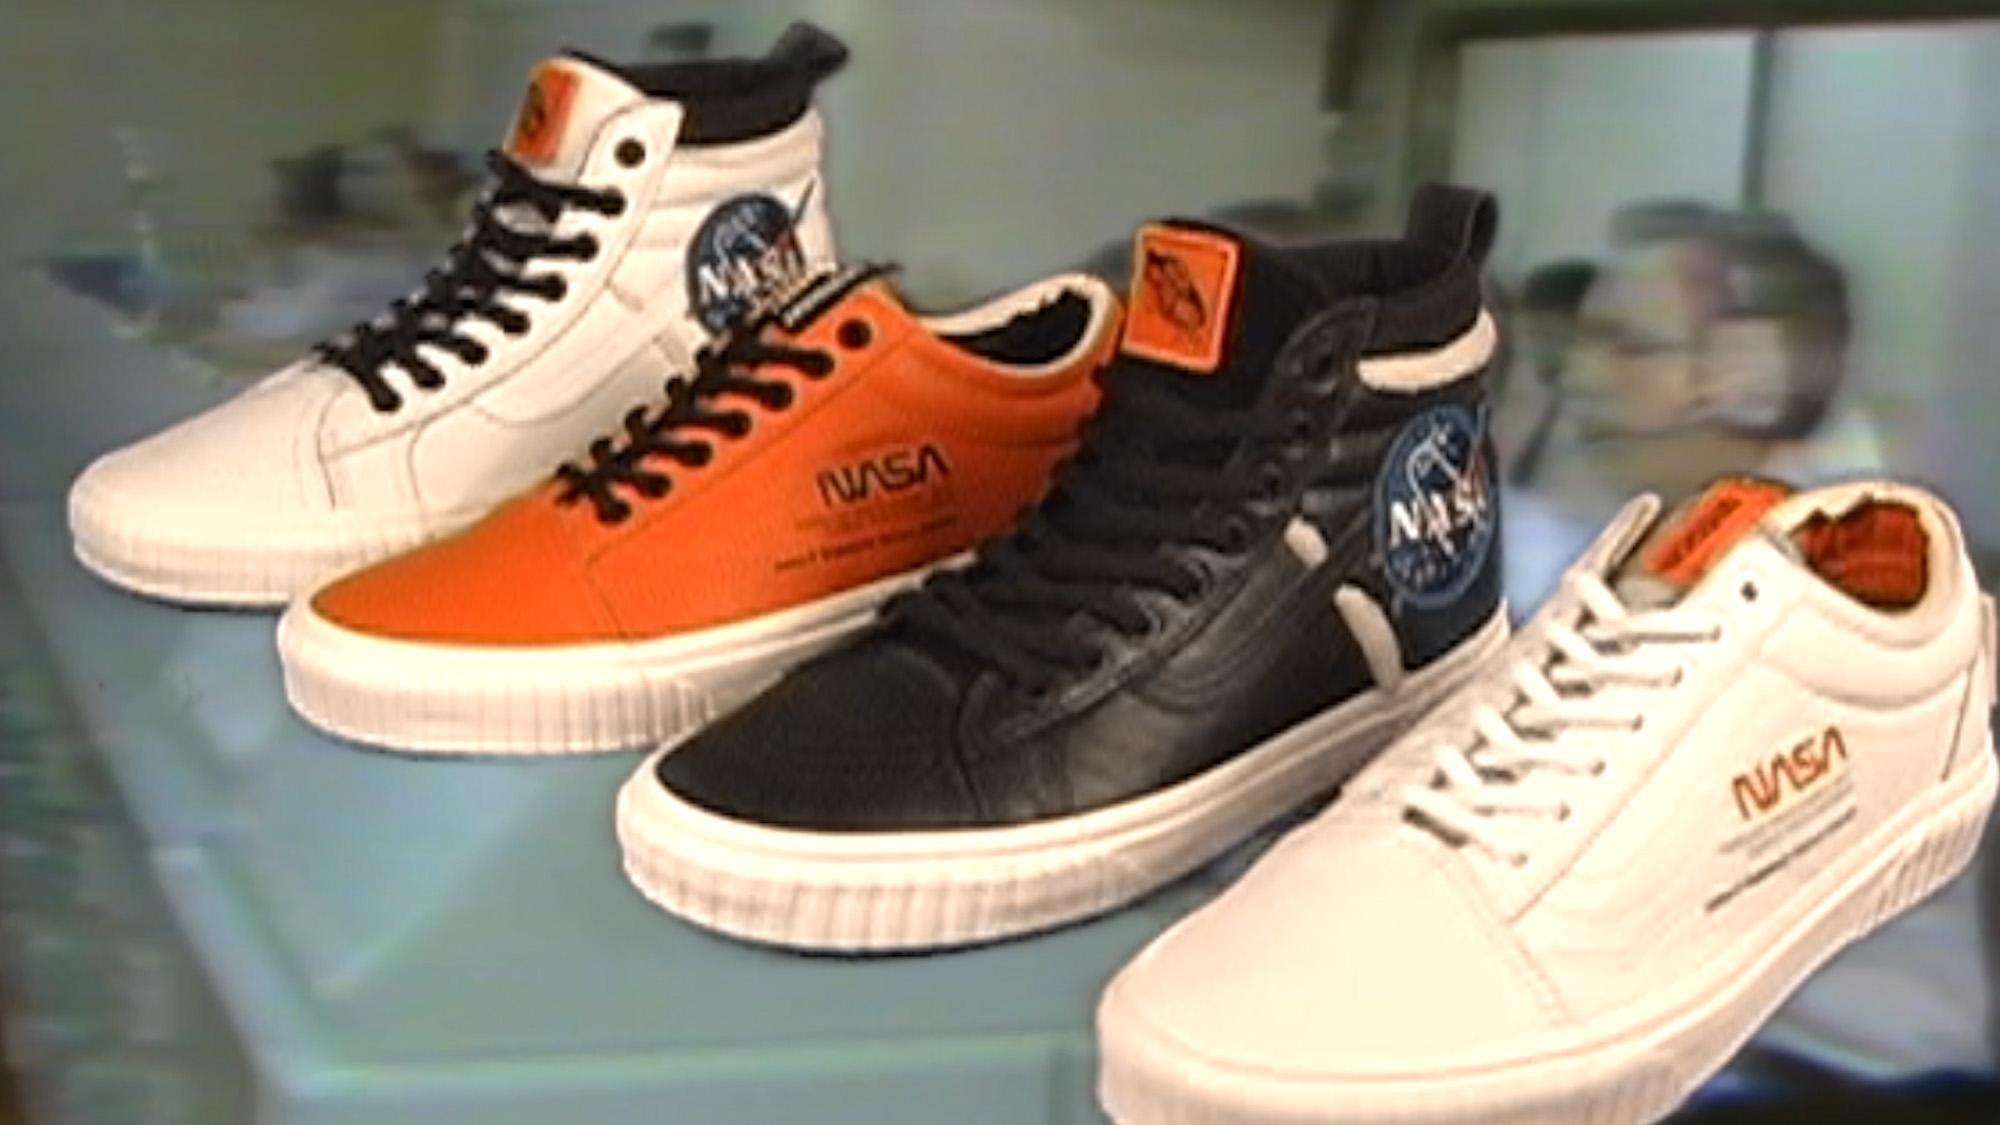 Nasa x Vans: Space and skate finally